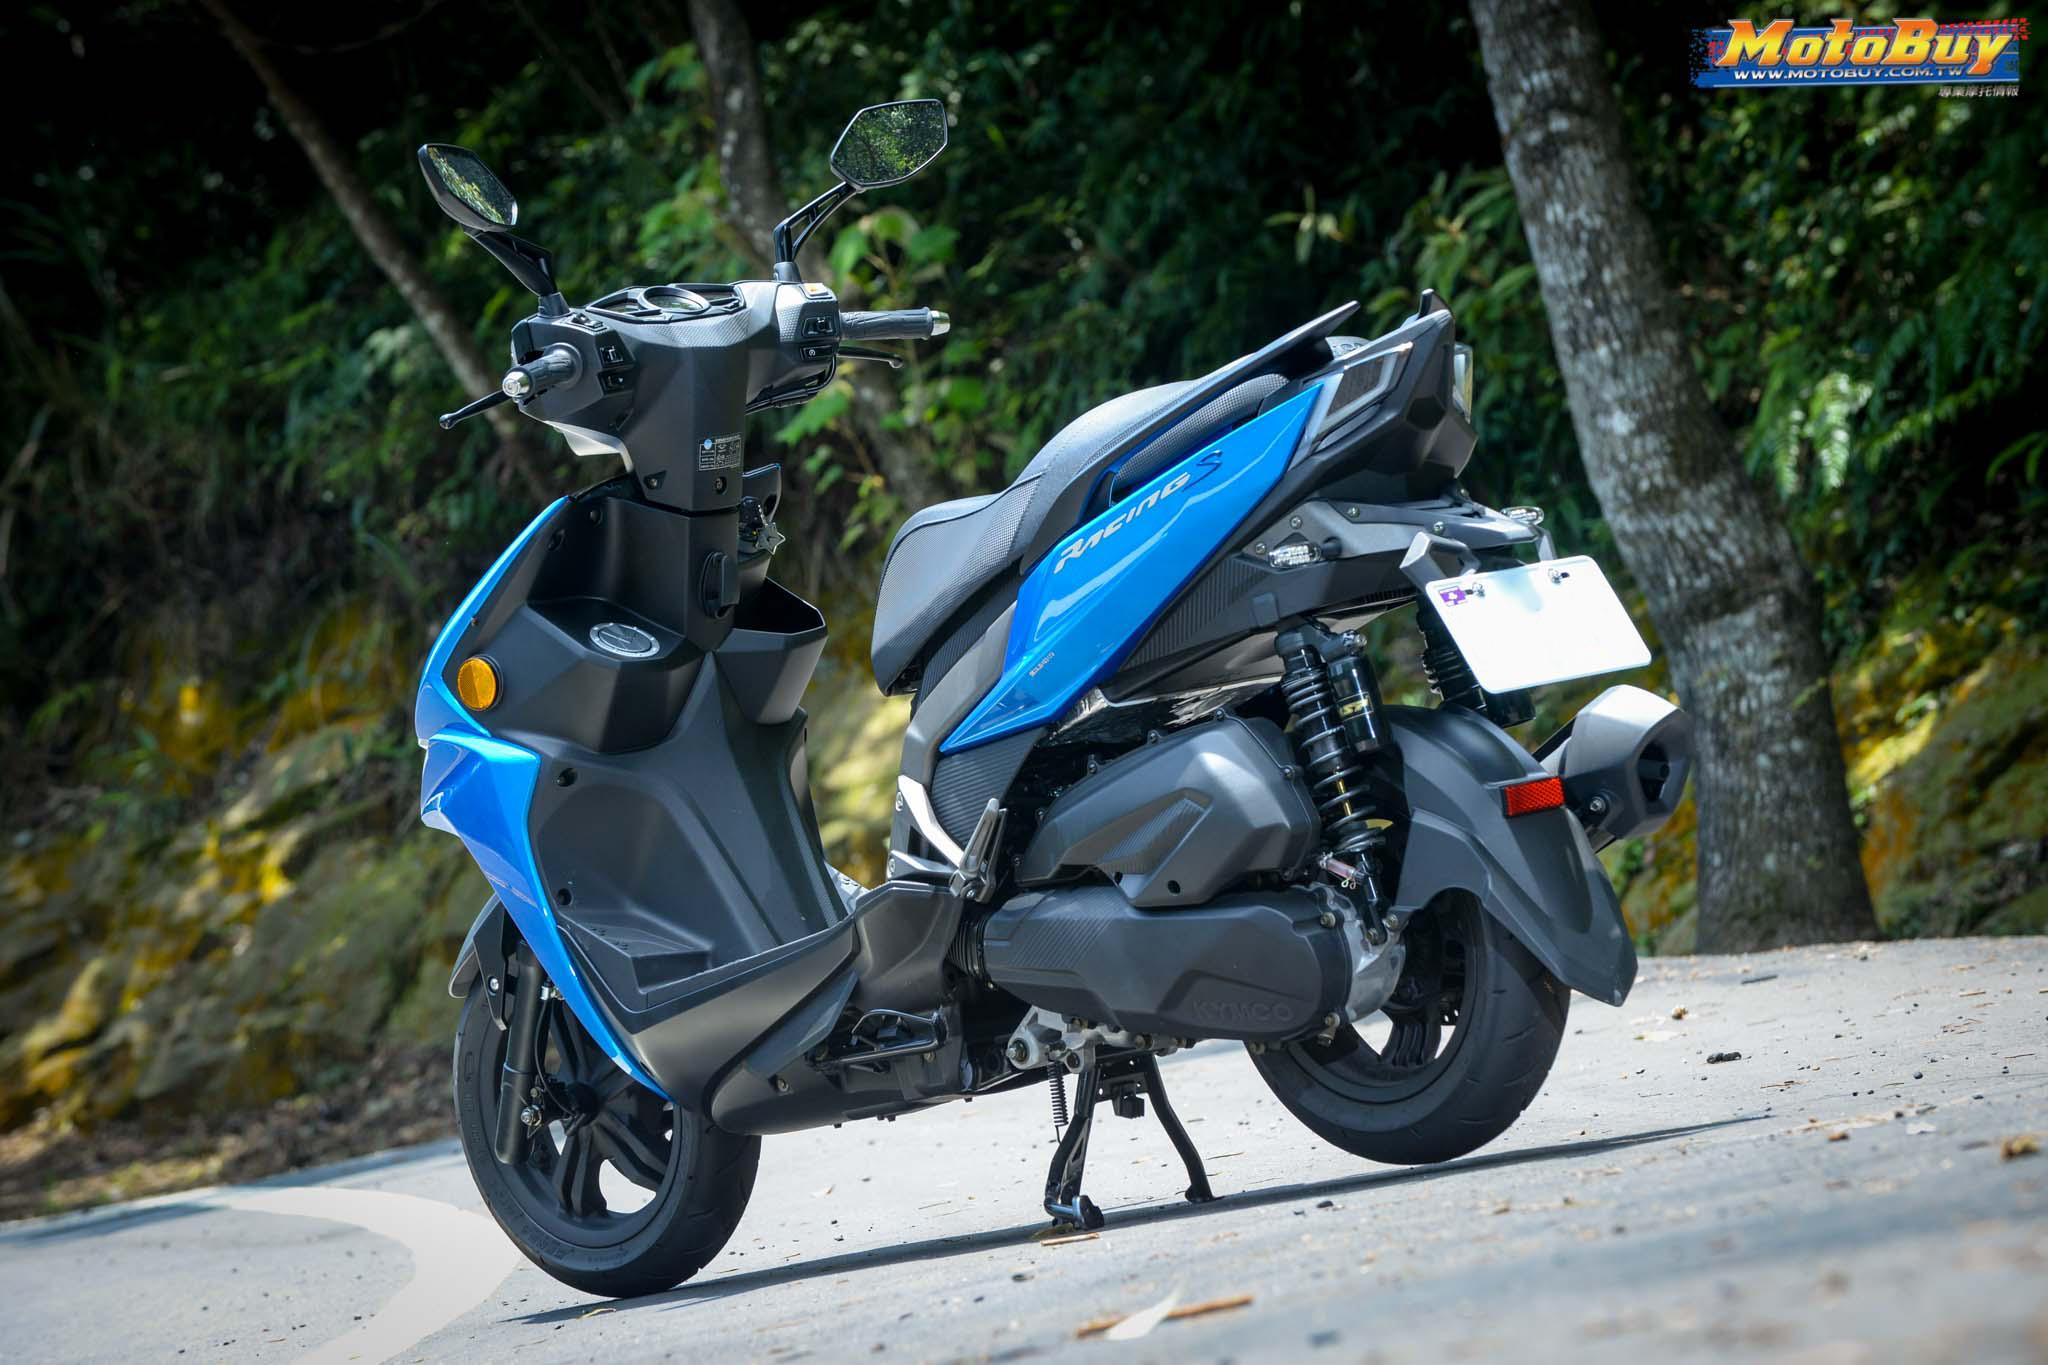 [部品情報] 穩重加持,彎道利器 Racing S 150 x MSP MS9 特仕版   MotoBuy